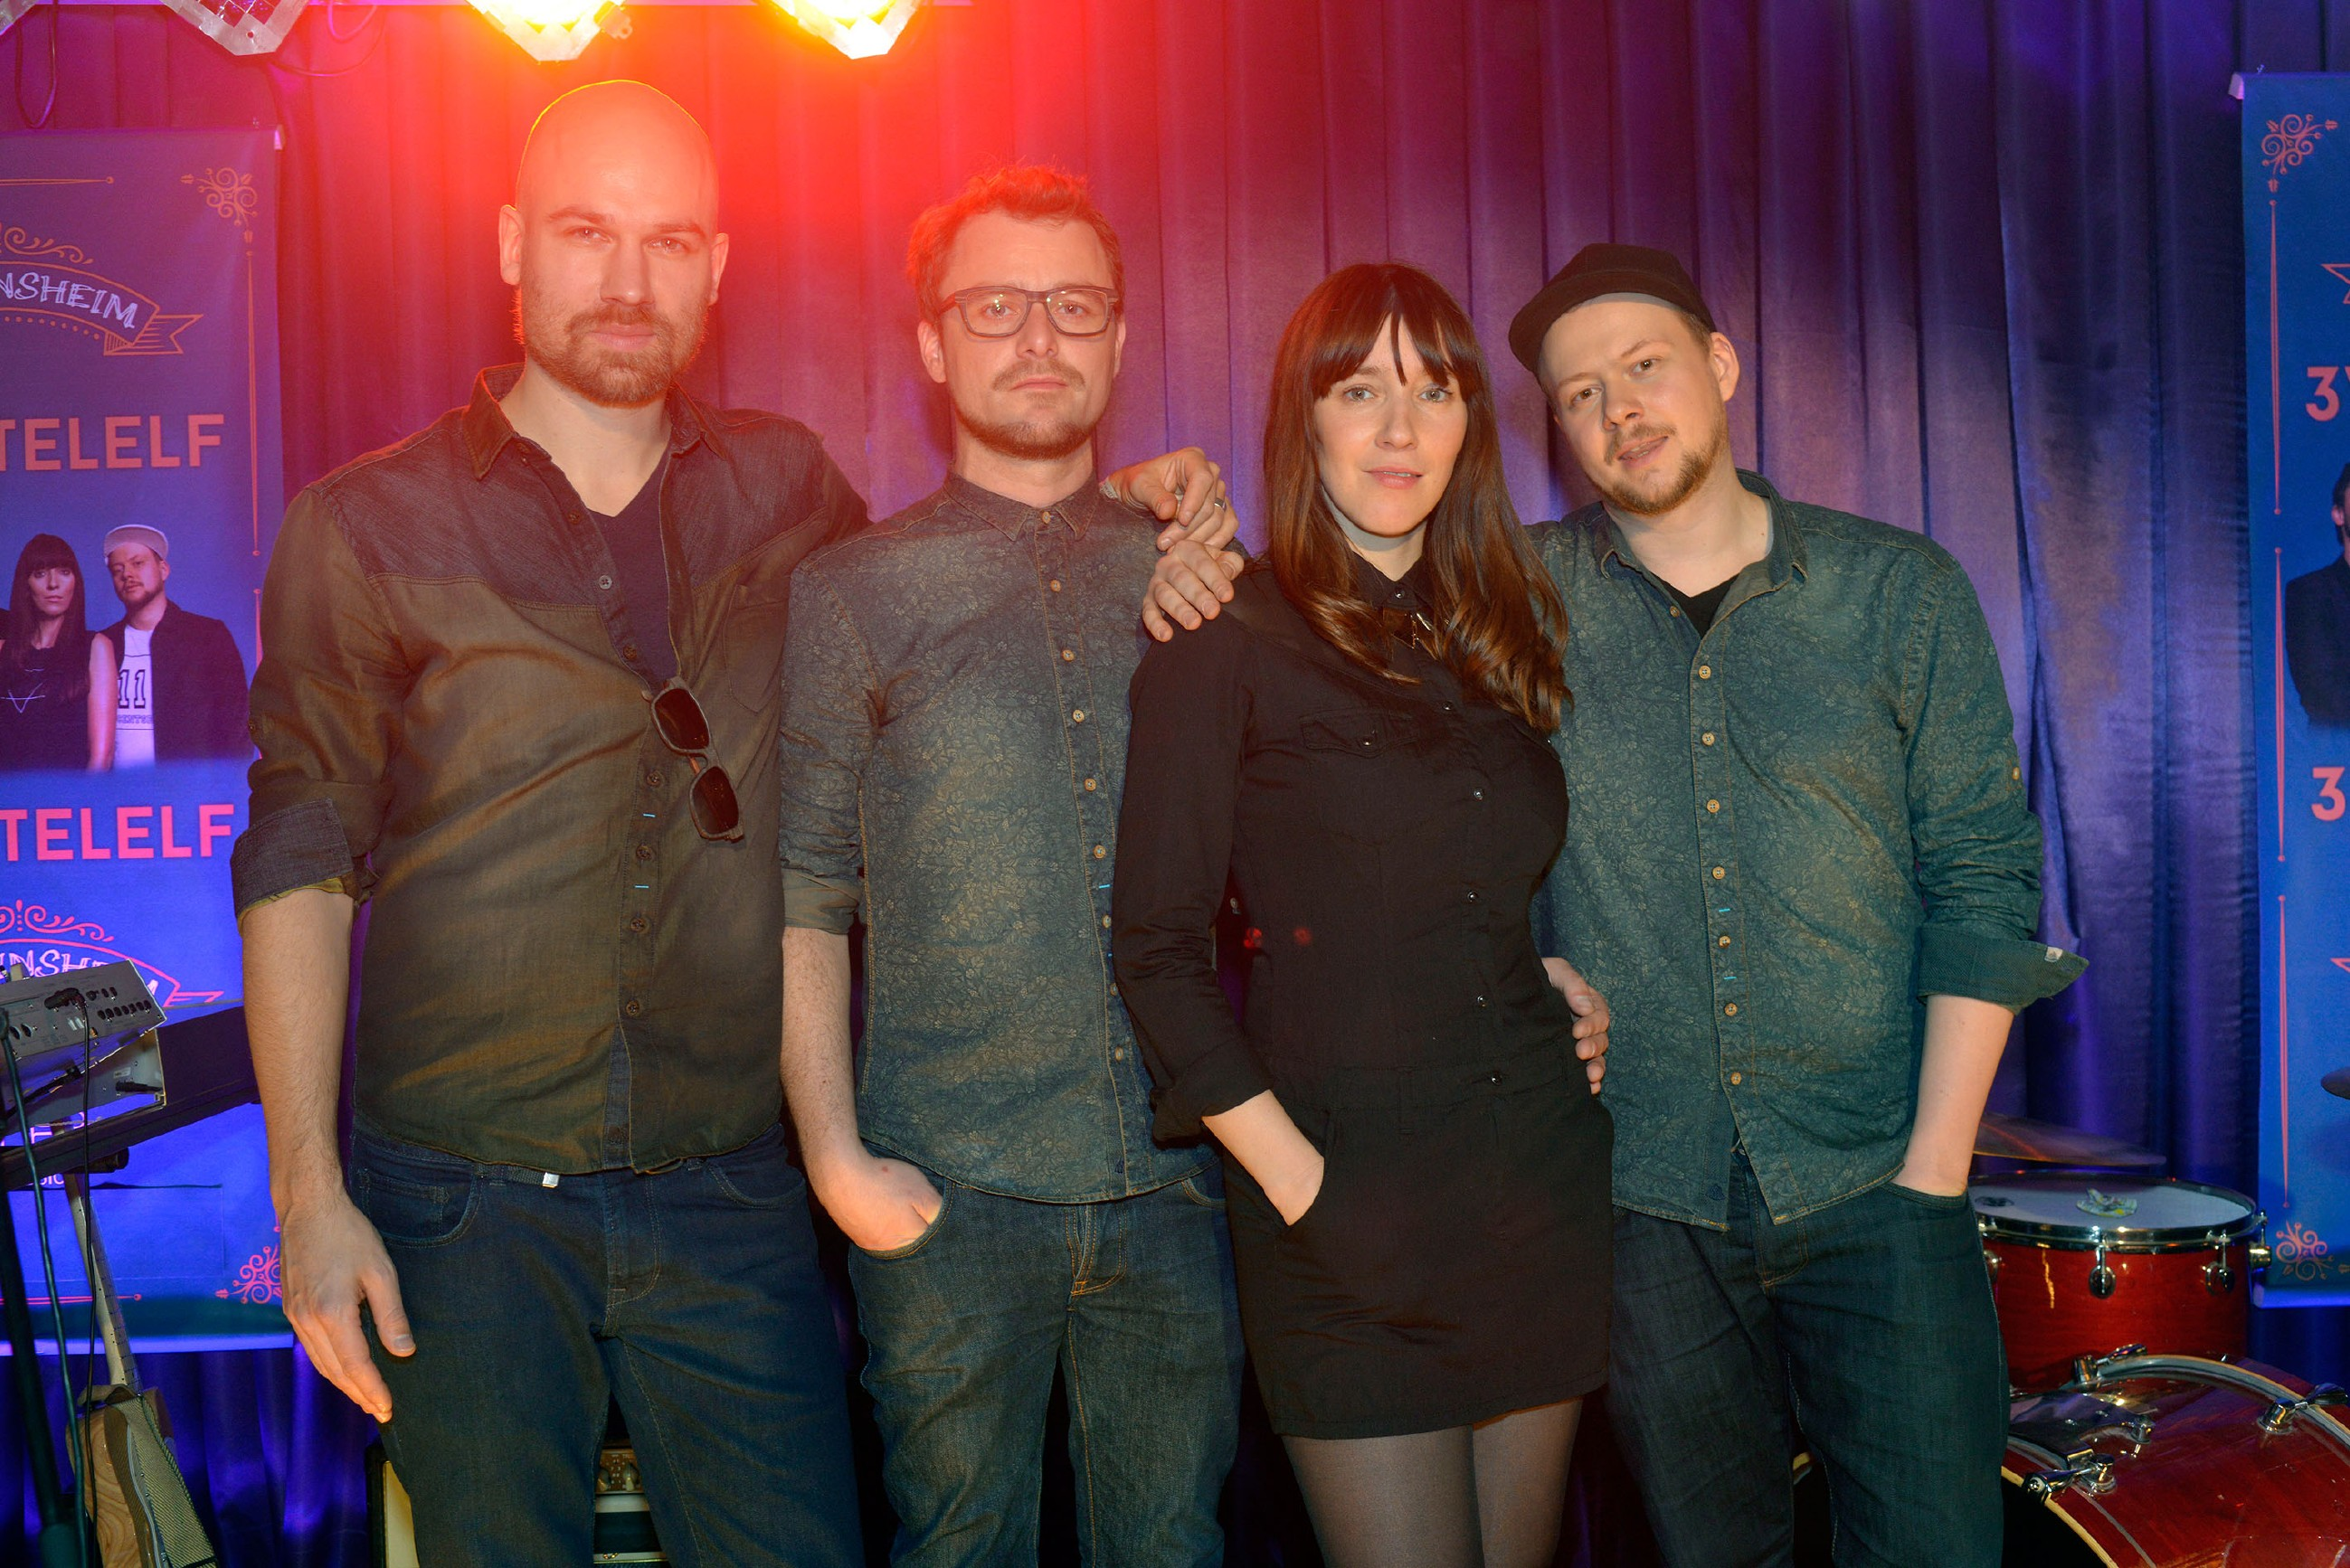 """Der Berliner Band _3viertelelf_ um Sängerin Angela Maria Peltner ist zu Gast bei """"Gute Zeiten, schlechte Zeiten"""" und gibt ein Konzert im Vereinsheim. (Quelle: RTL / Rolf Baumgartner)"""